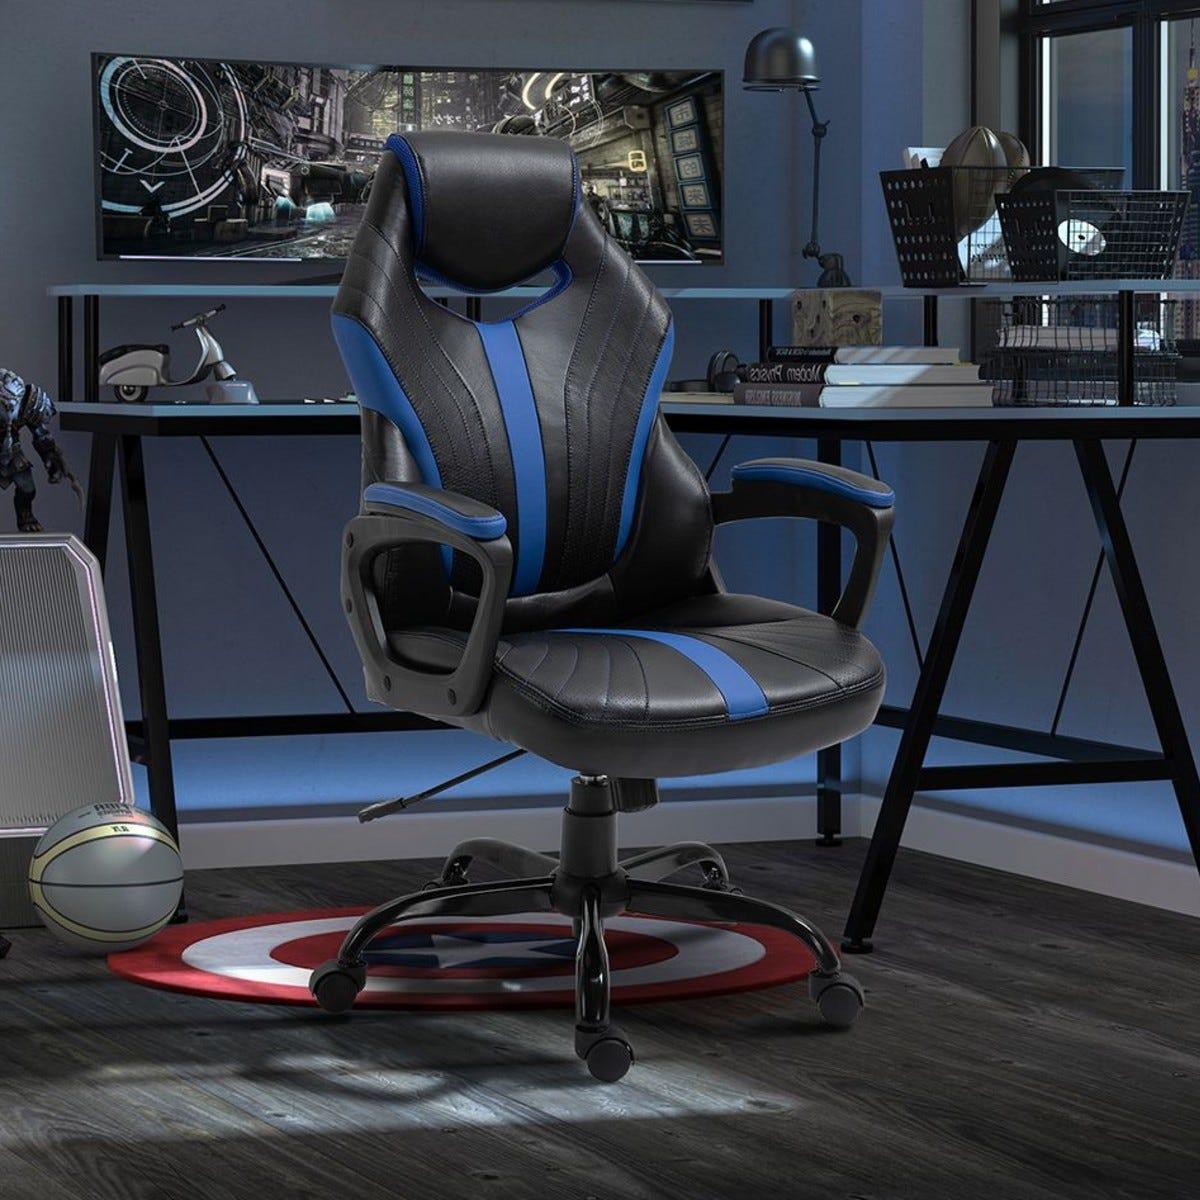 Gaming Chair Swivel Gamer Desk Chair Black Blue